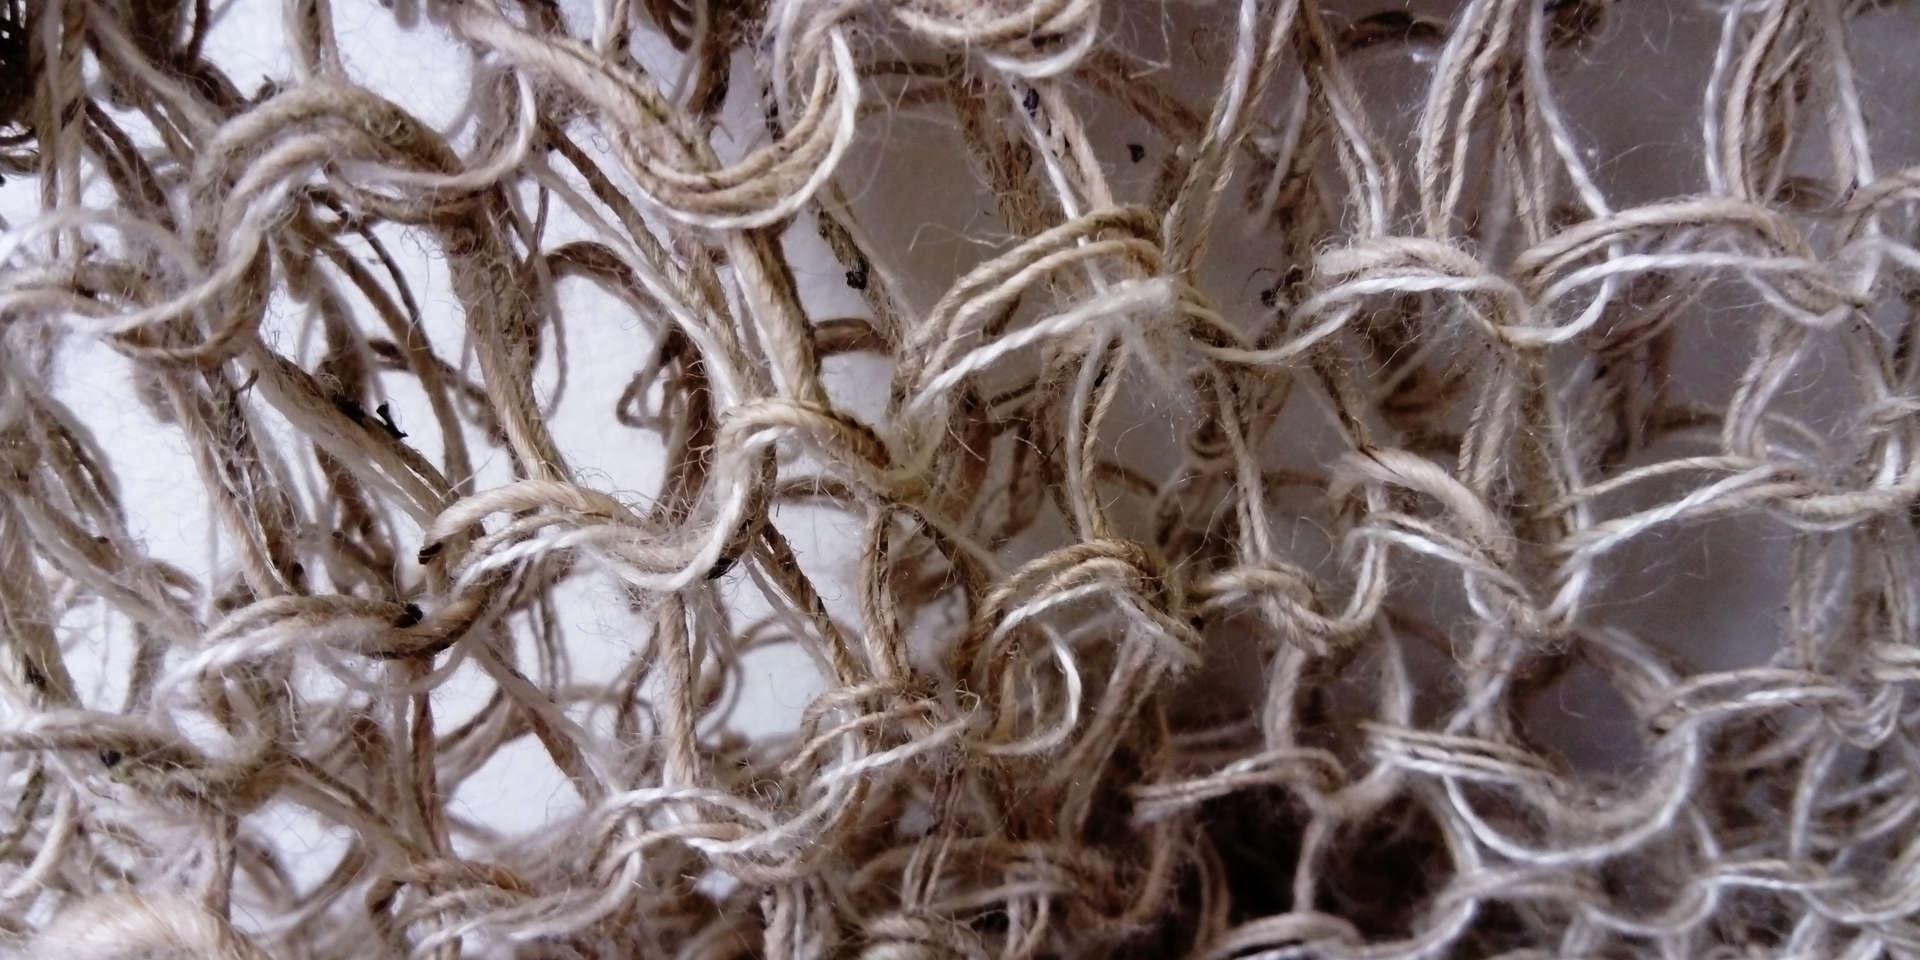 Wild Swans, Abridged (detail12); nettle silk, ramie; 240x159x166cm; Fiona Percy 2018